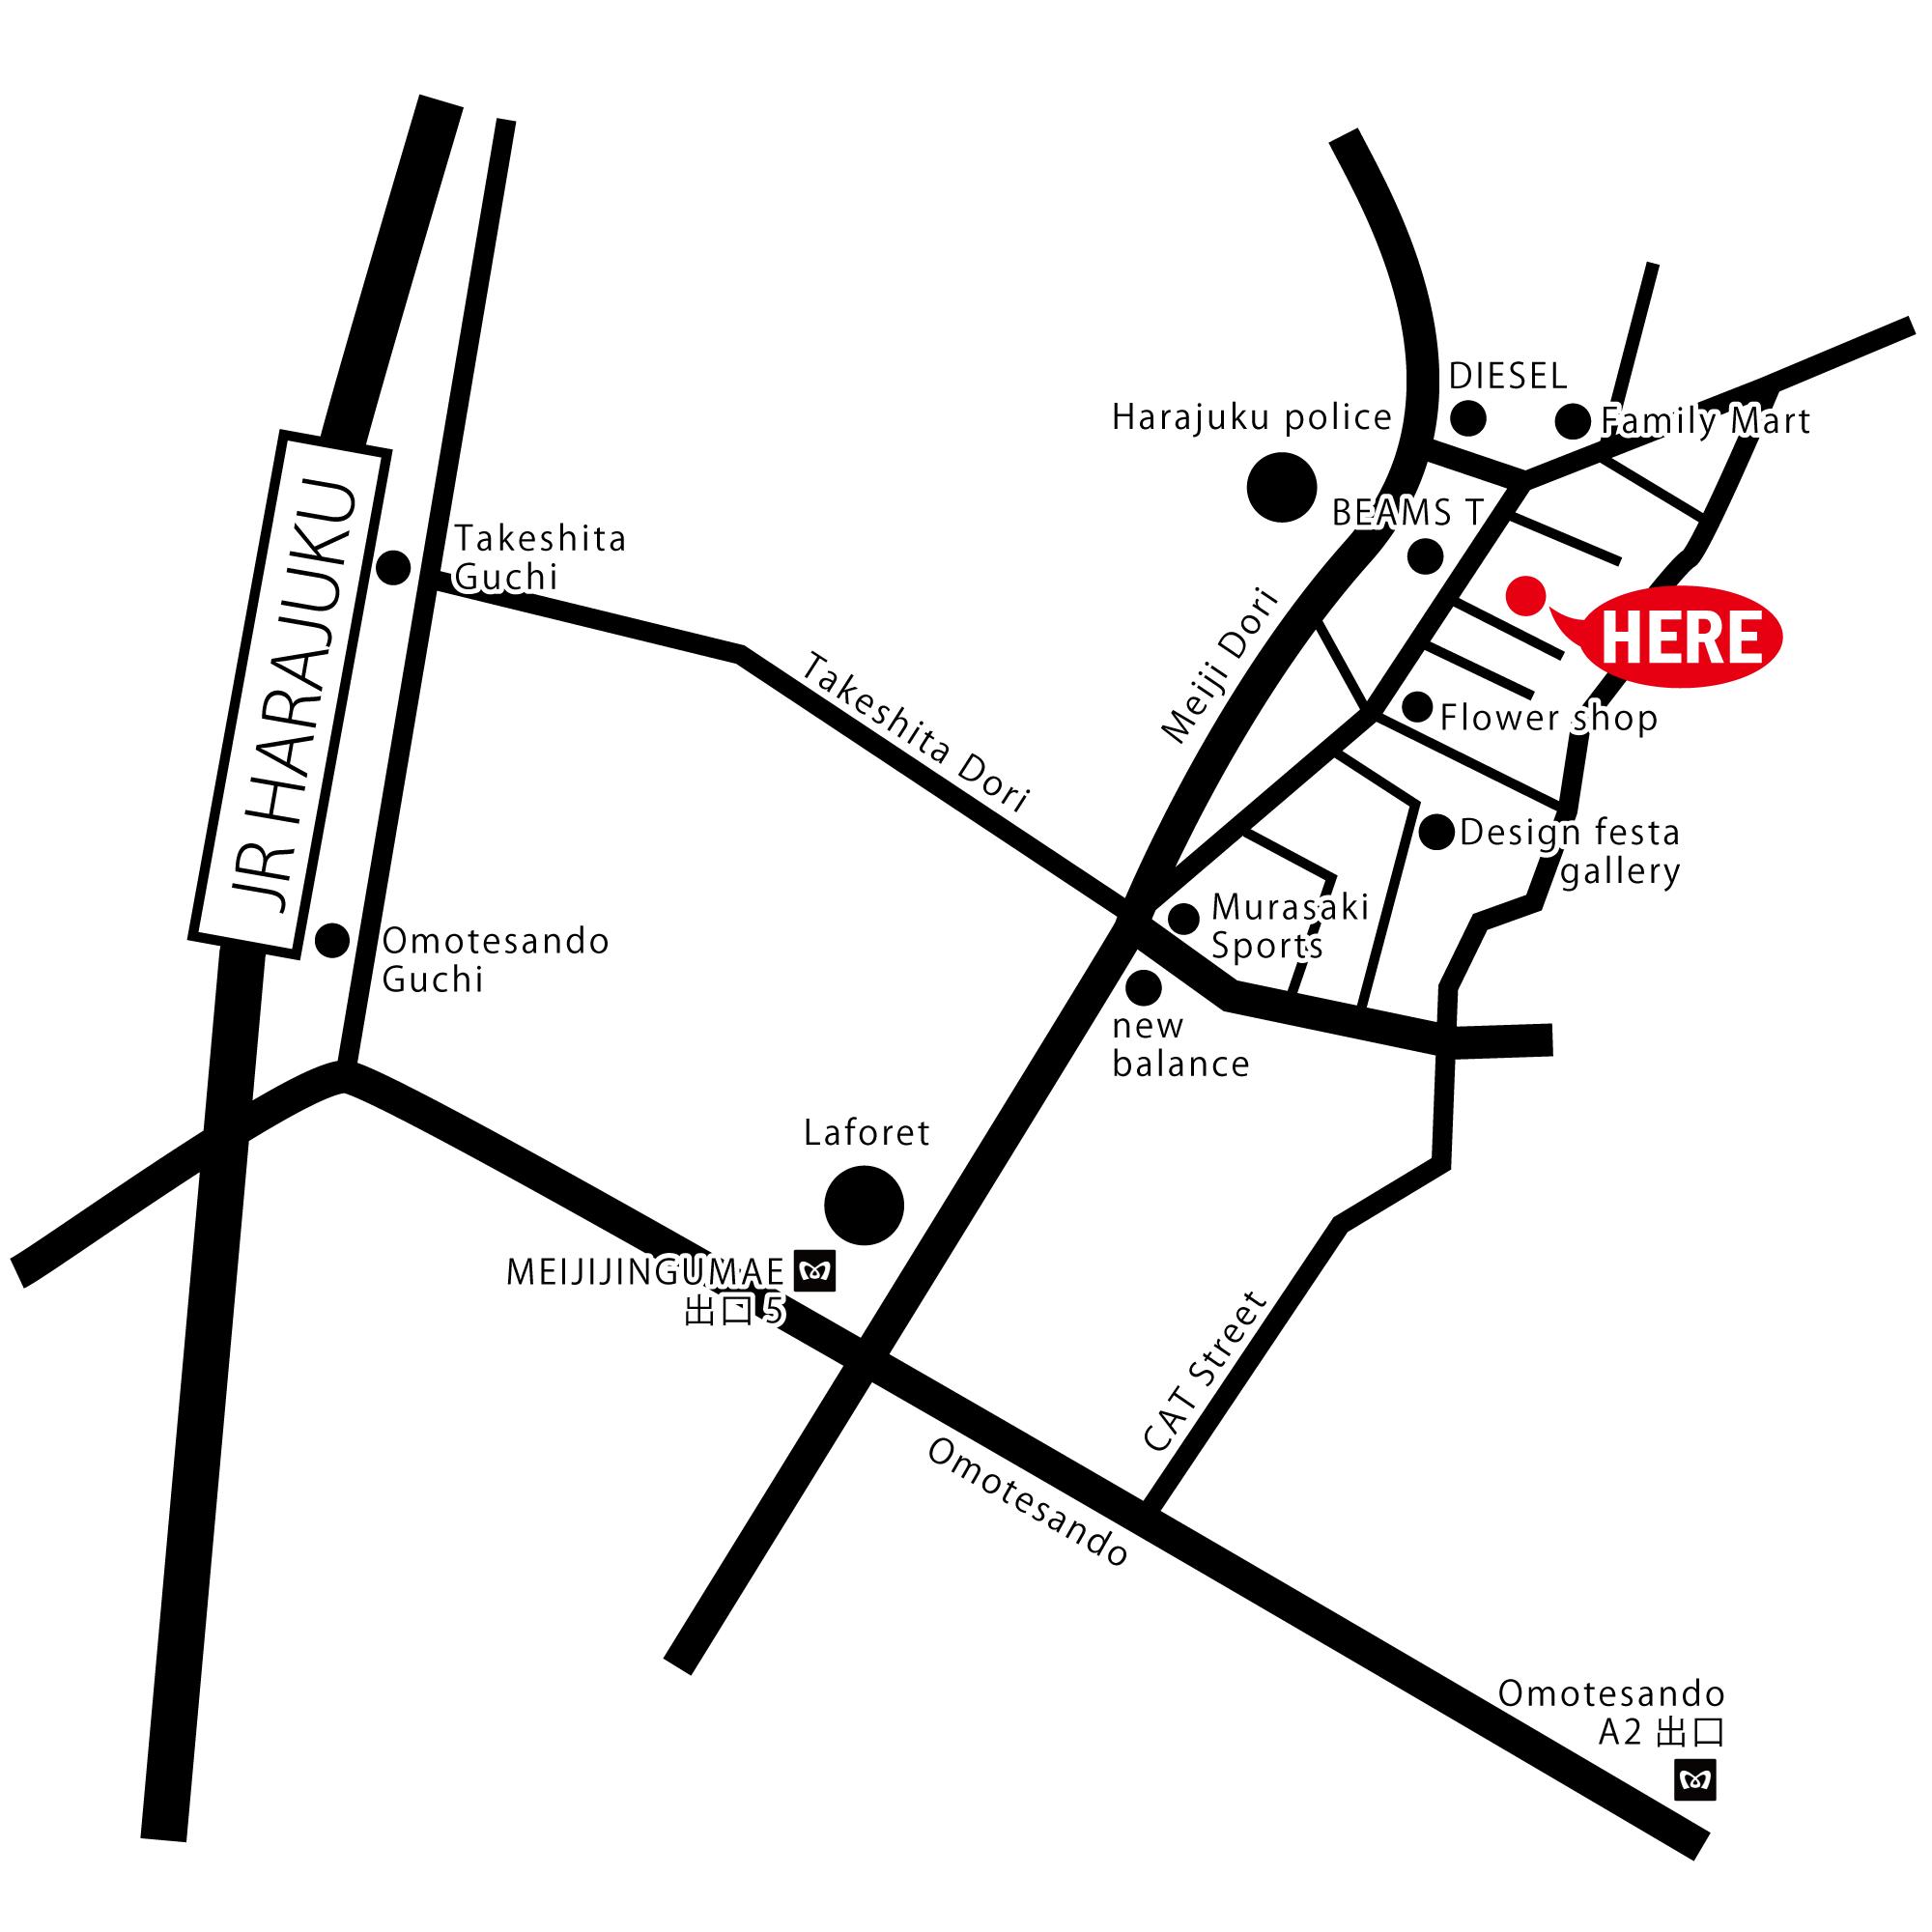 エルメスのポップアップストアの場所を示した原宿駅周辺の地図